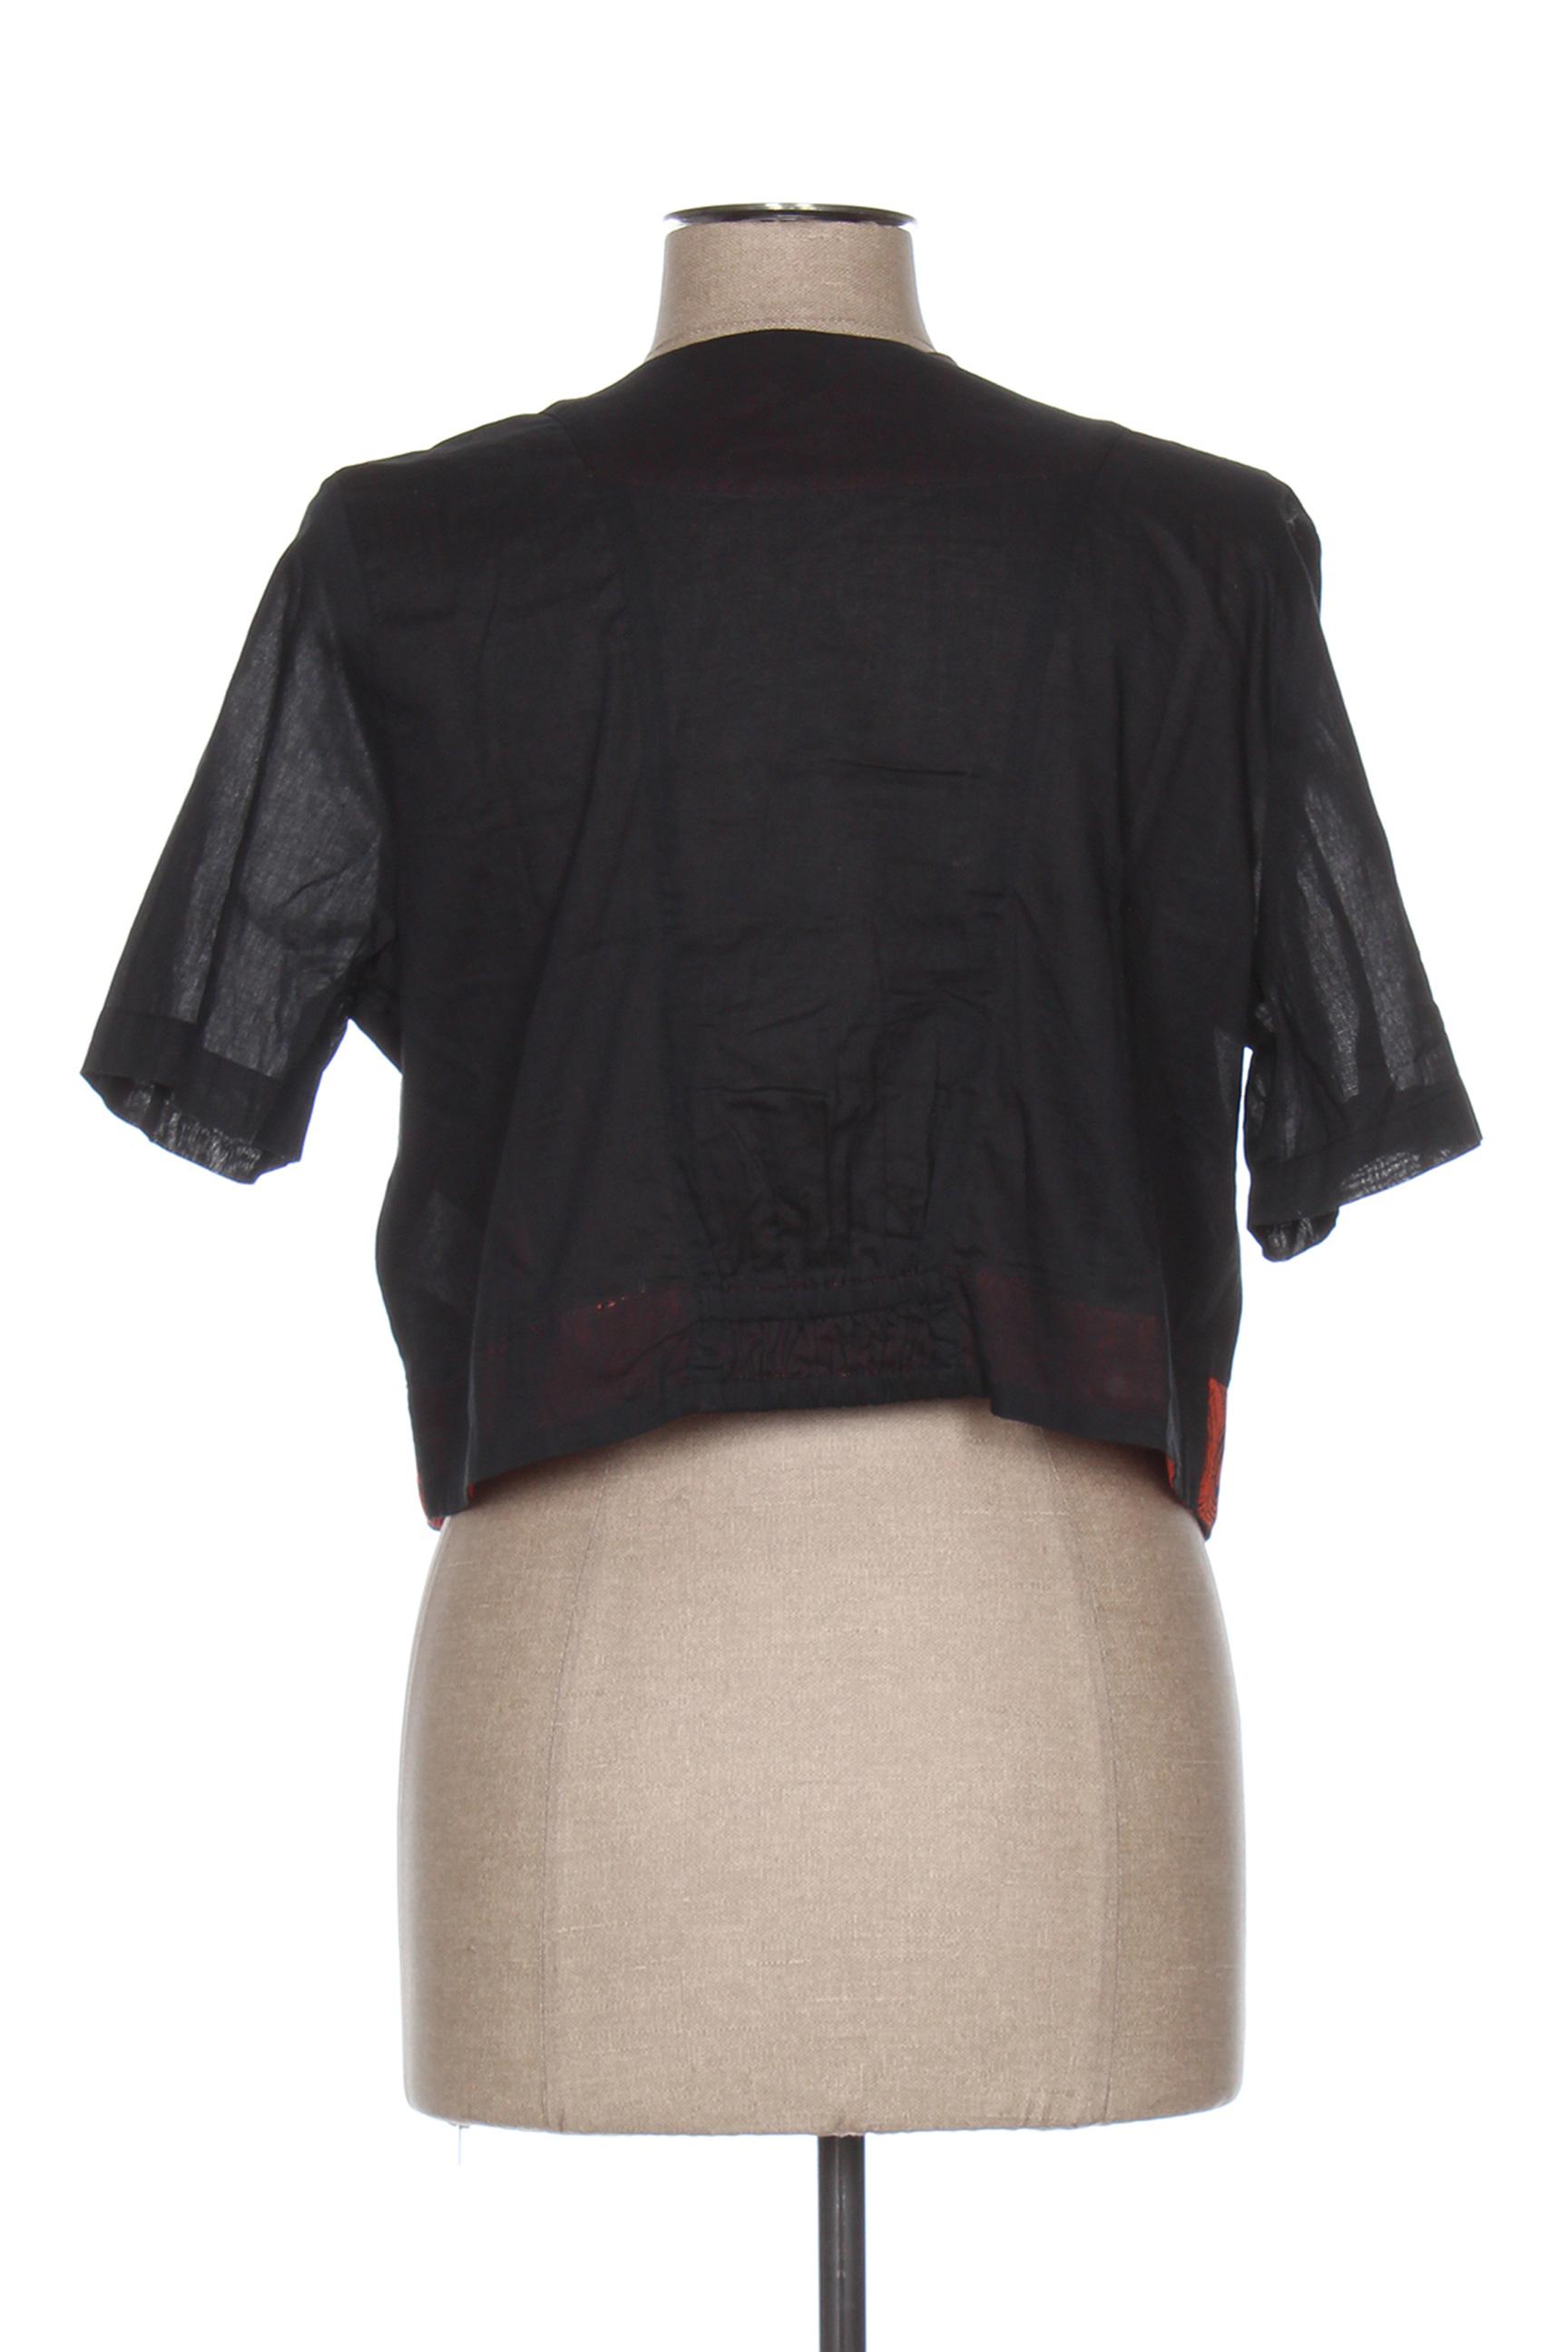 Enjoy Vestecasual Femme De Couleur Noir En Soldes Pas Cher 1285704-noir00